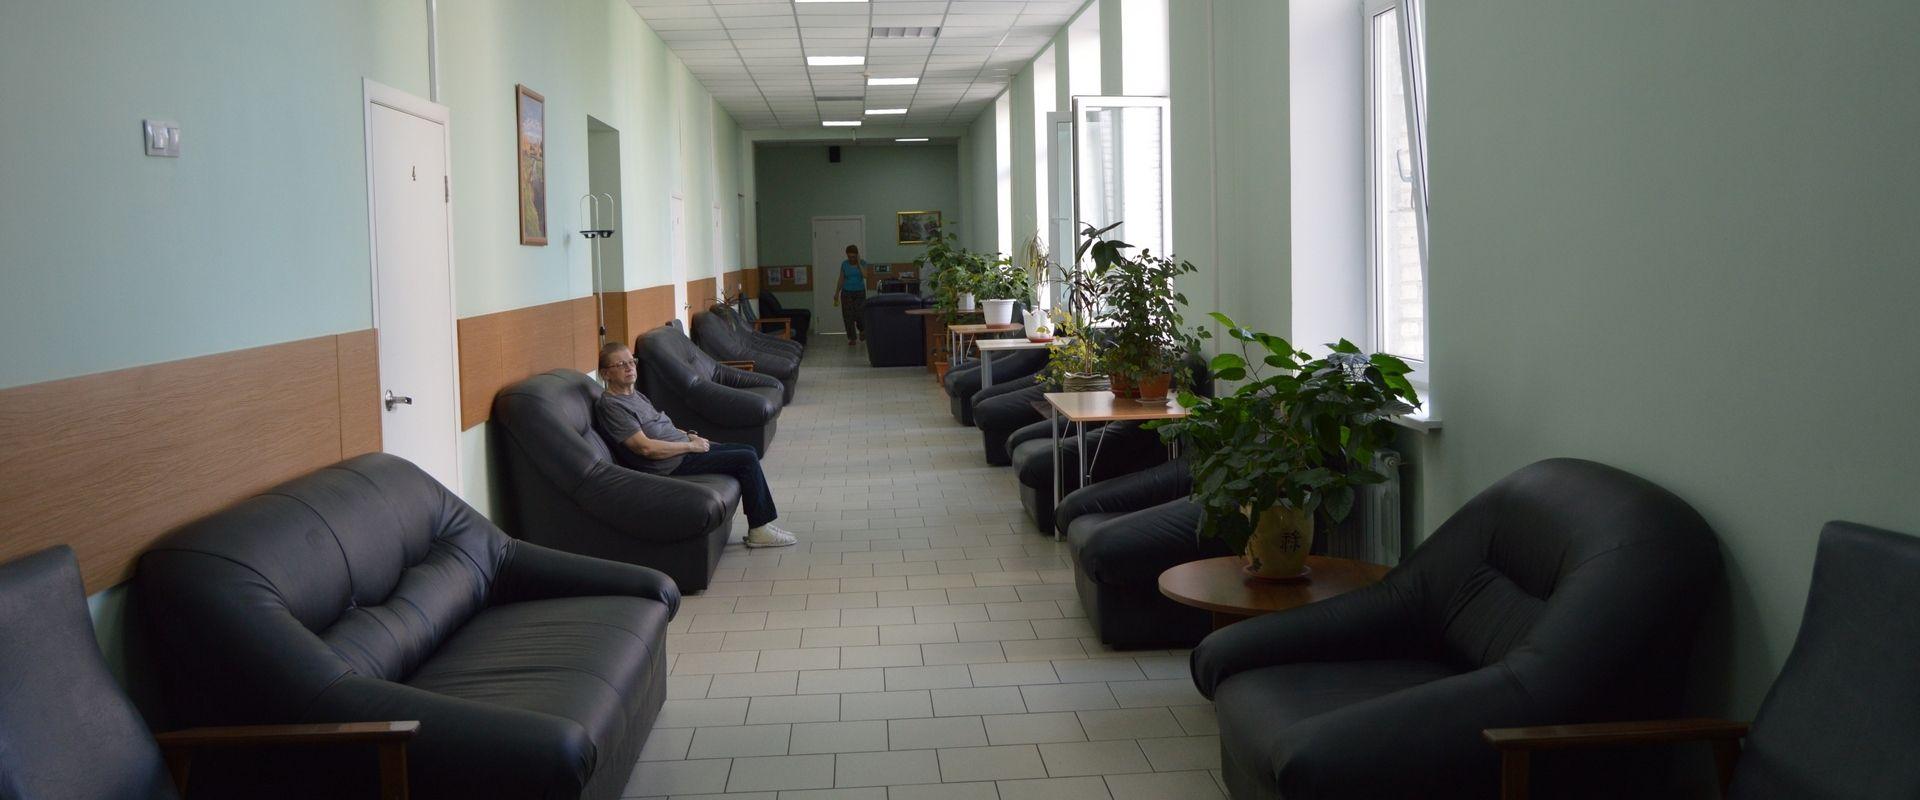 Интернет регистратура в взрослую поликлинику гатчины